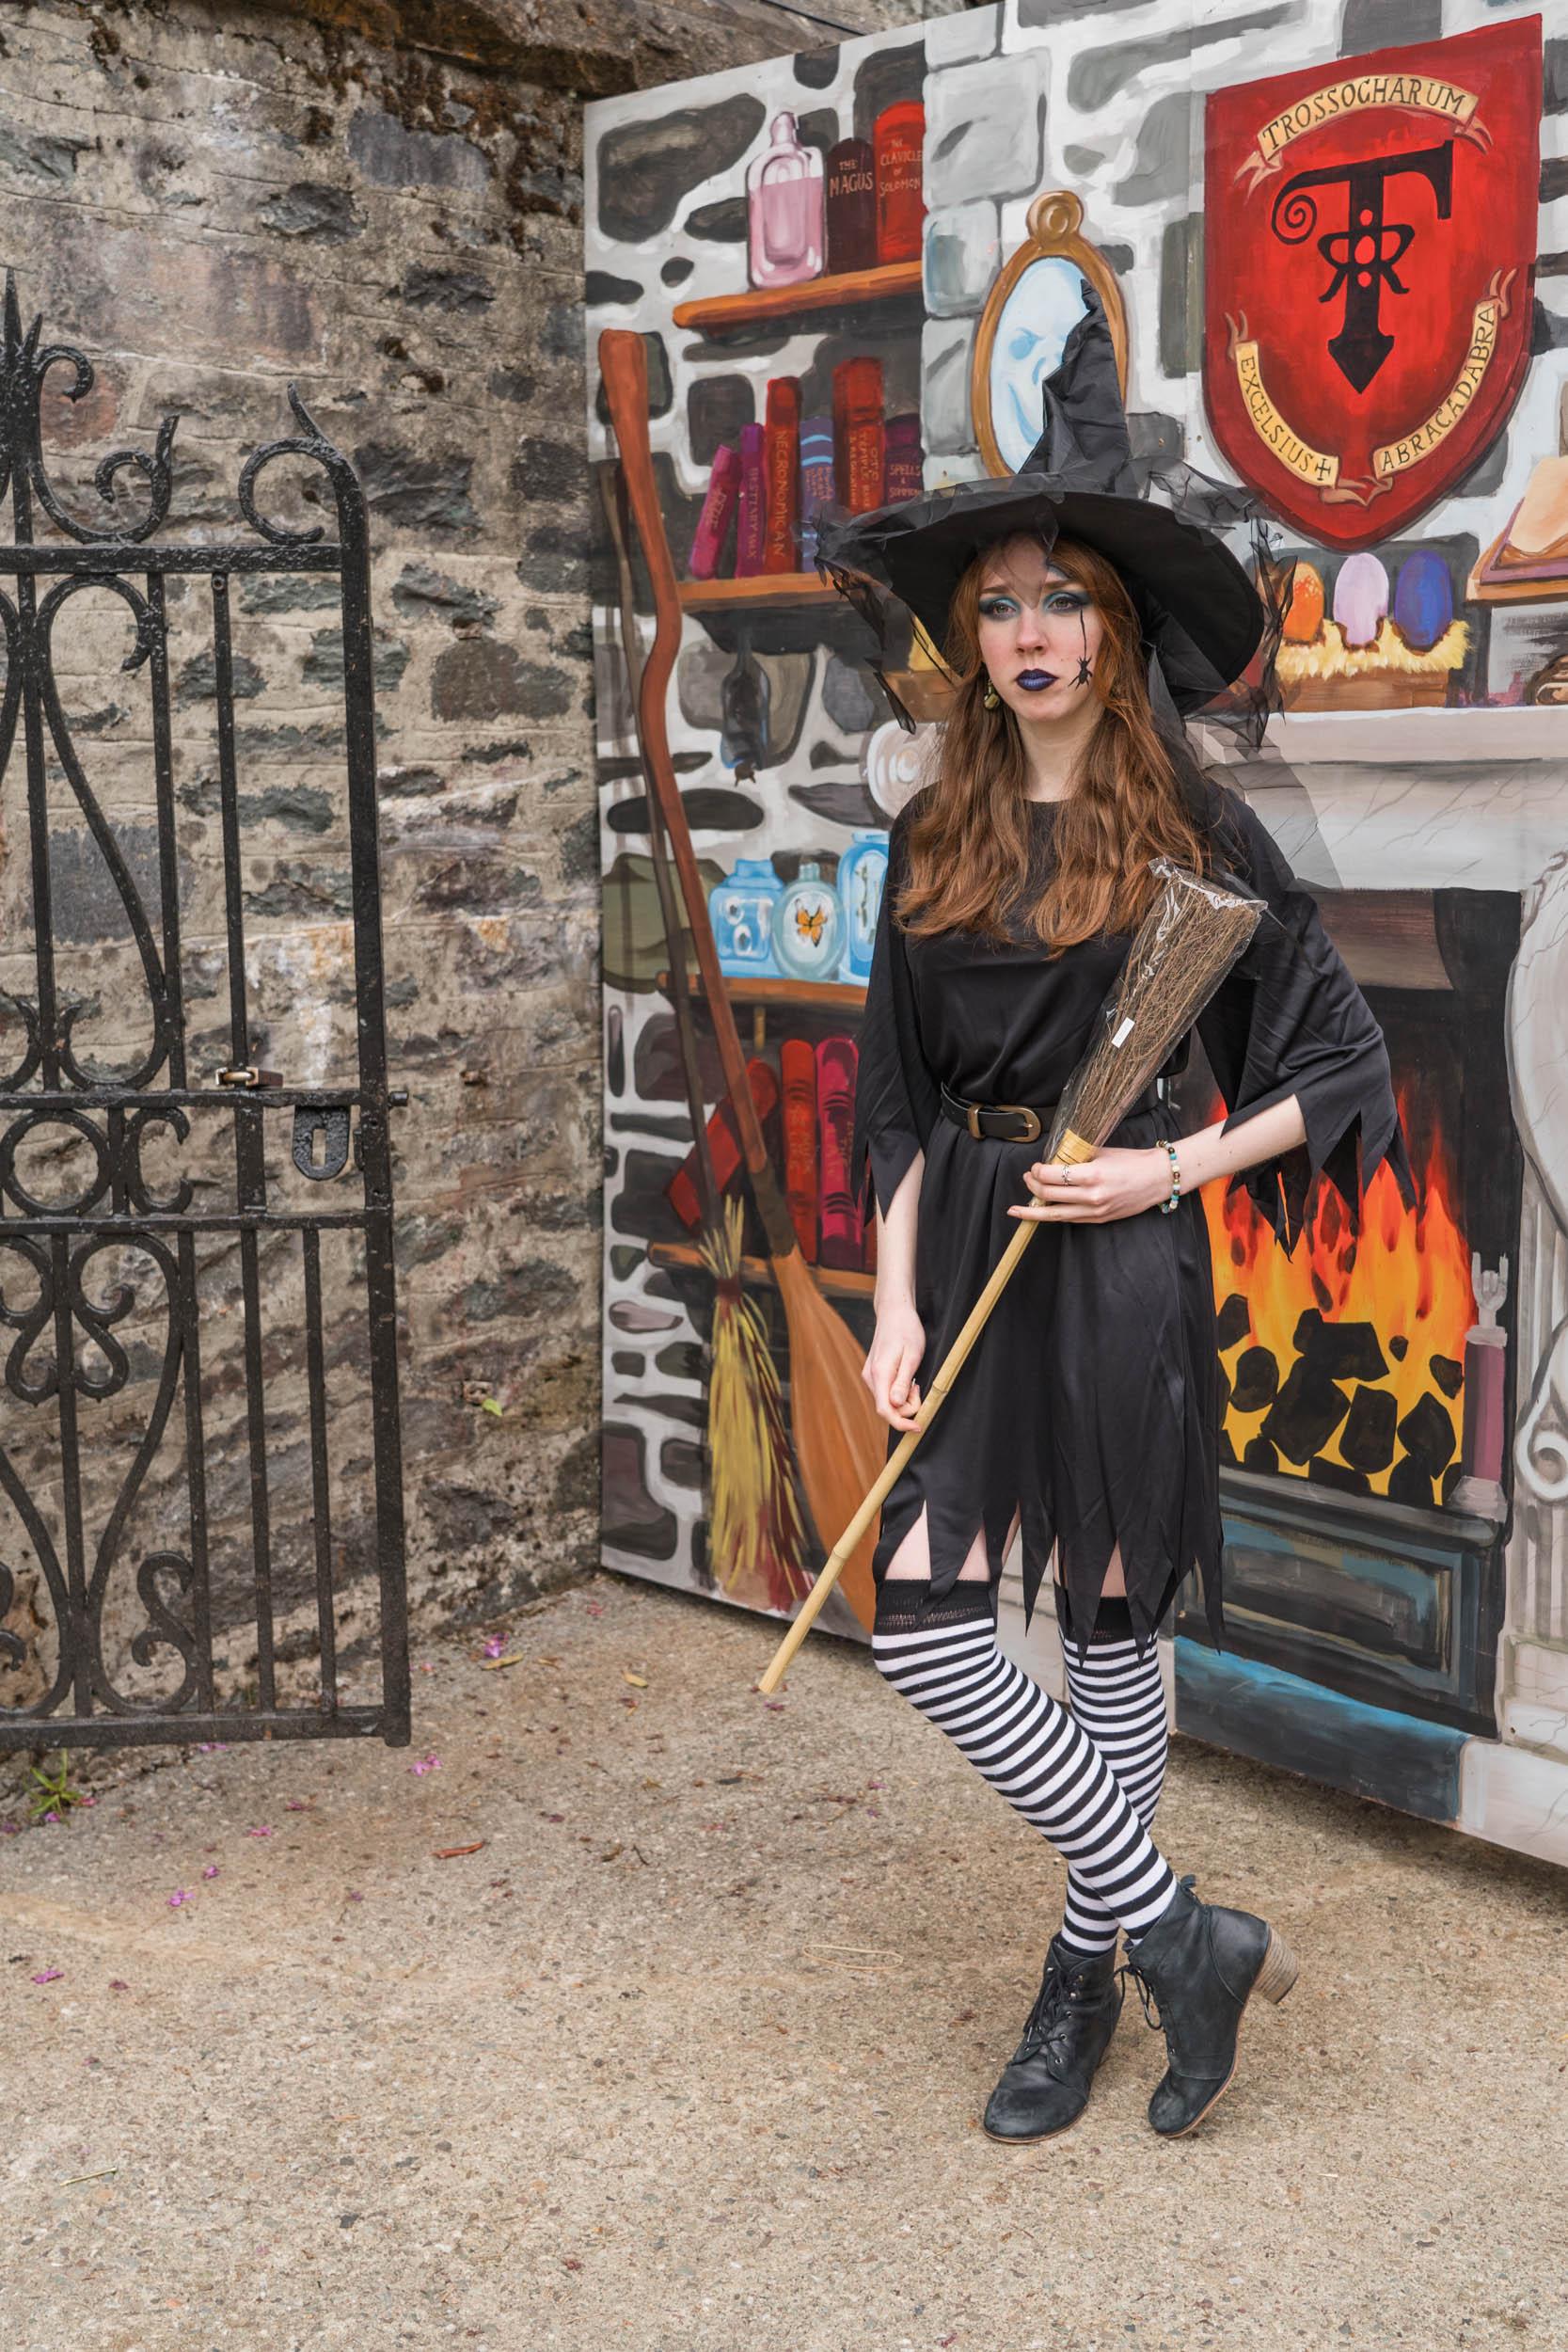 Witches-Wizards-Event-Loch-Katrine-06336.jpg